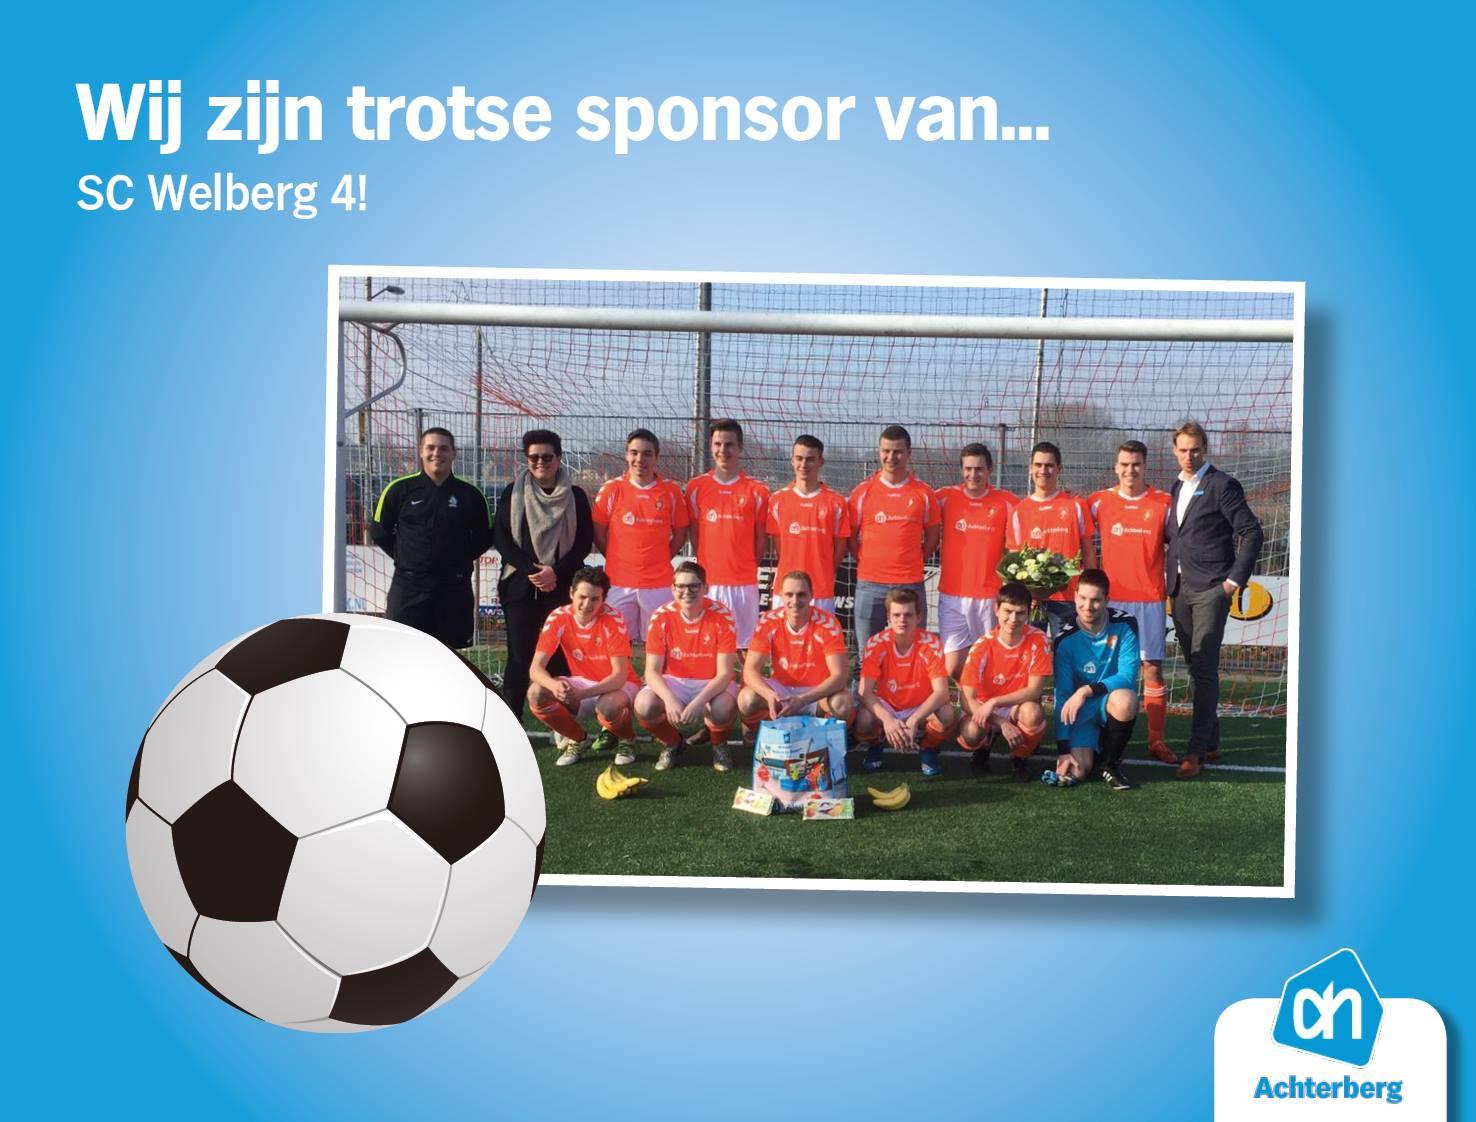 Wij zijn trotse sponsor van SC Welberg 4!